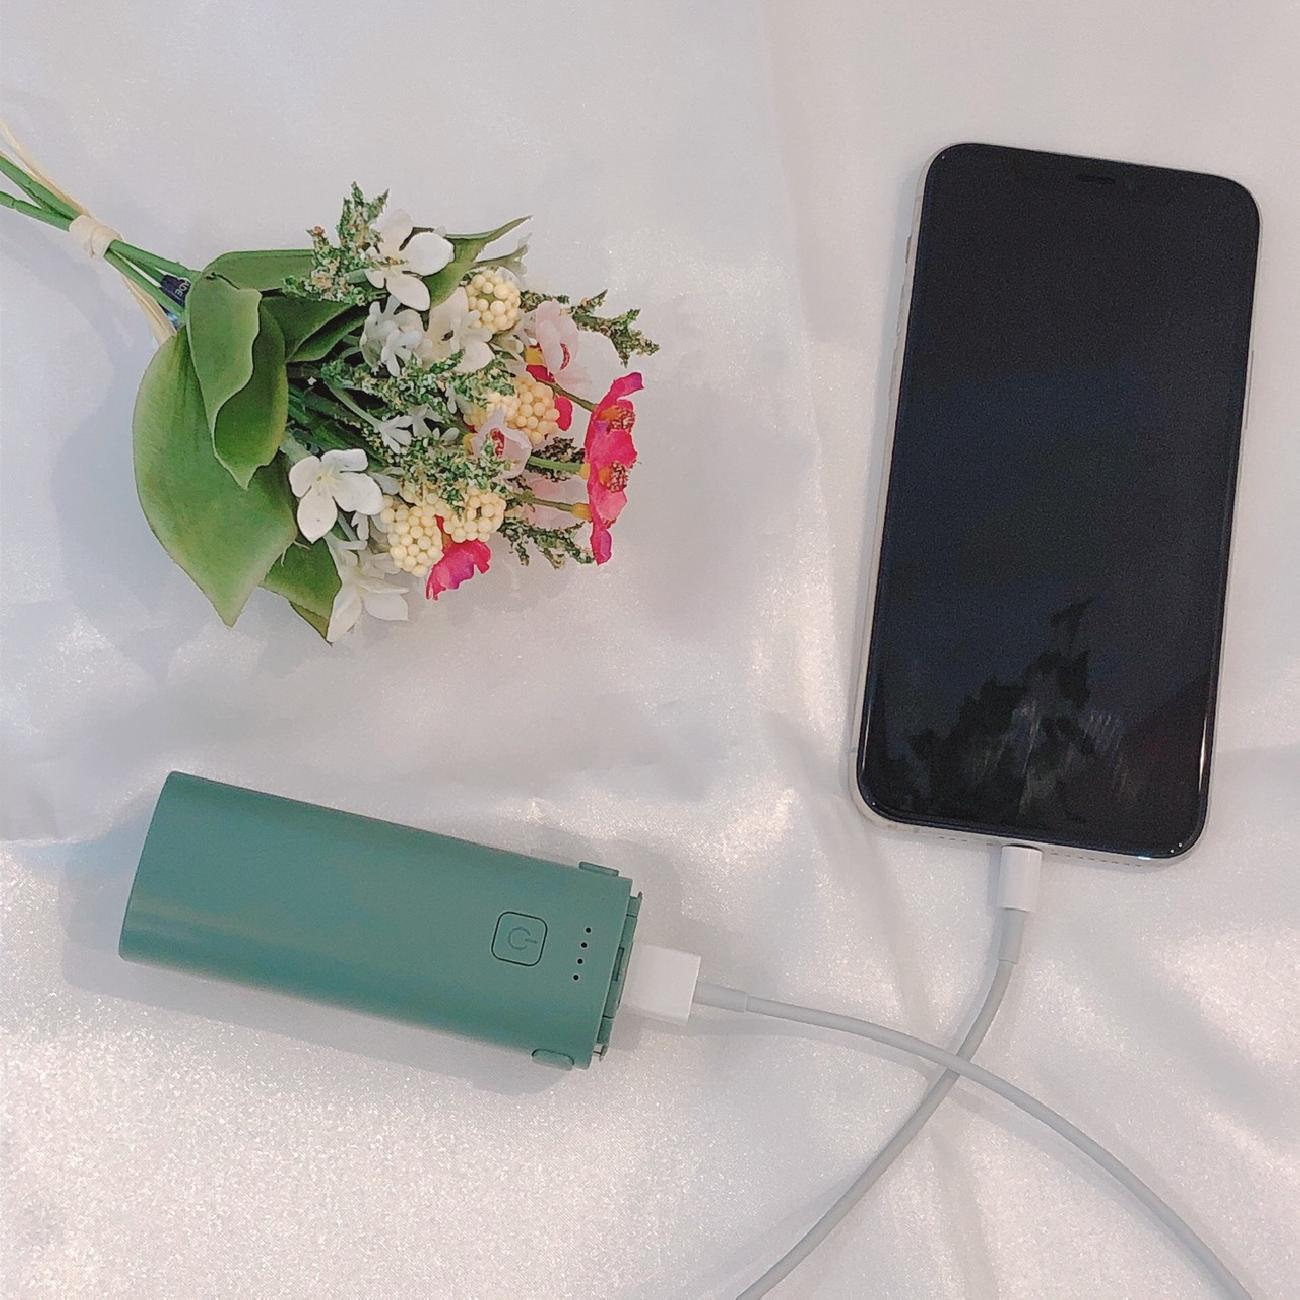 ミニ扇風機/モバイルバッテリー/暑さ対策/USB充電/持ち歩き/夏雑貨